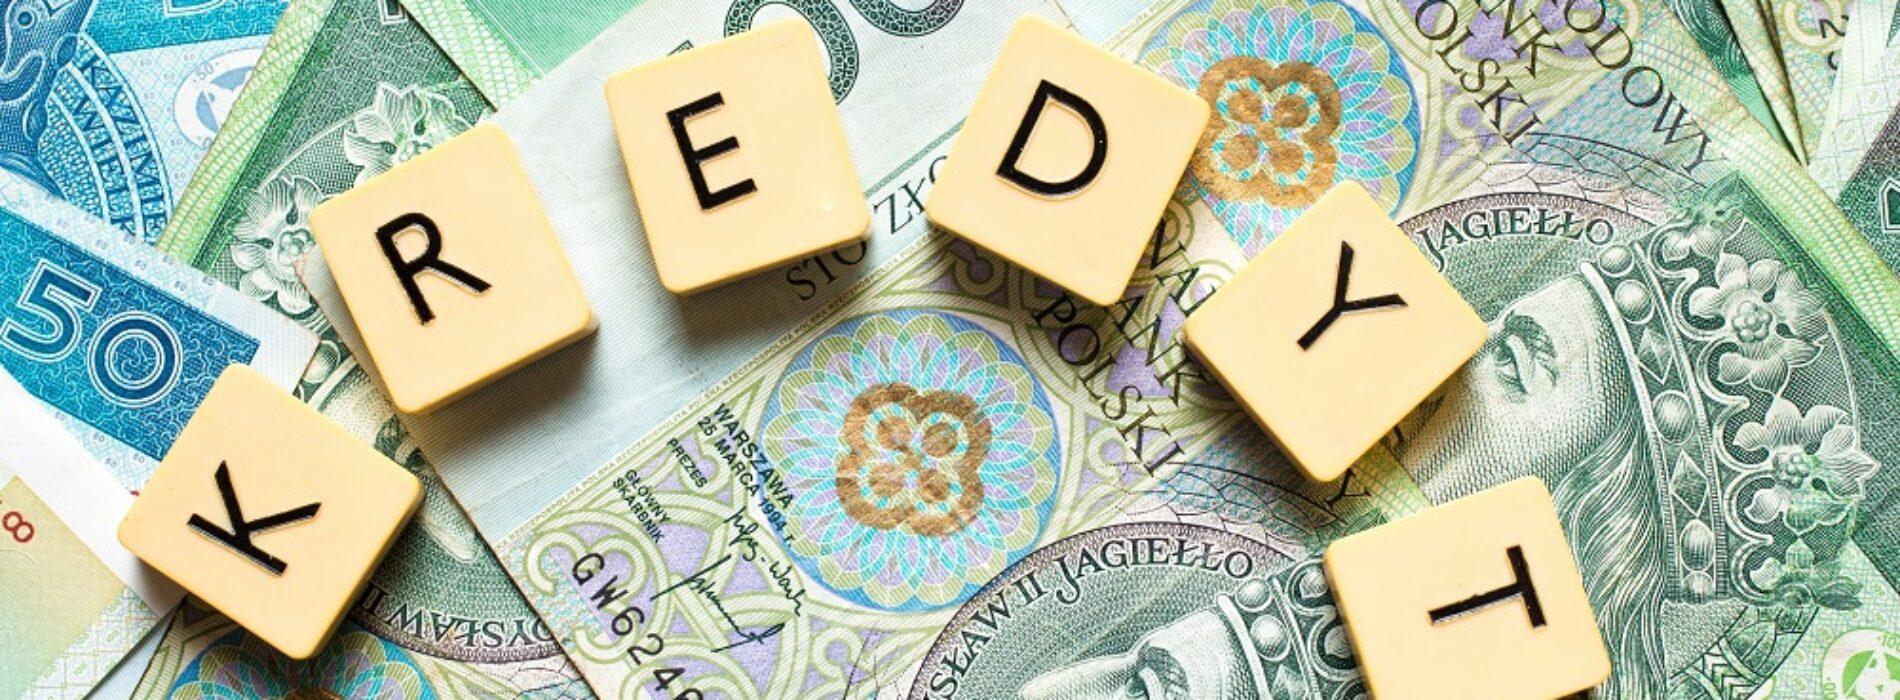 Mistrzowski kredyt gotówkowy – sposoby zawarcia umowy